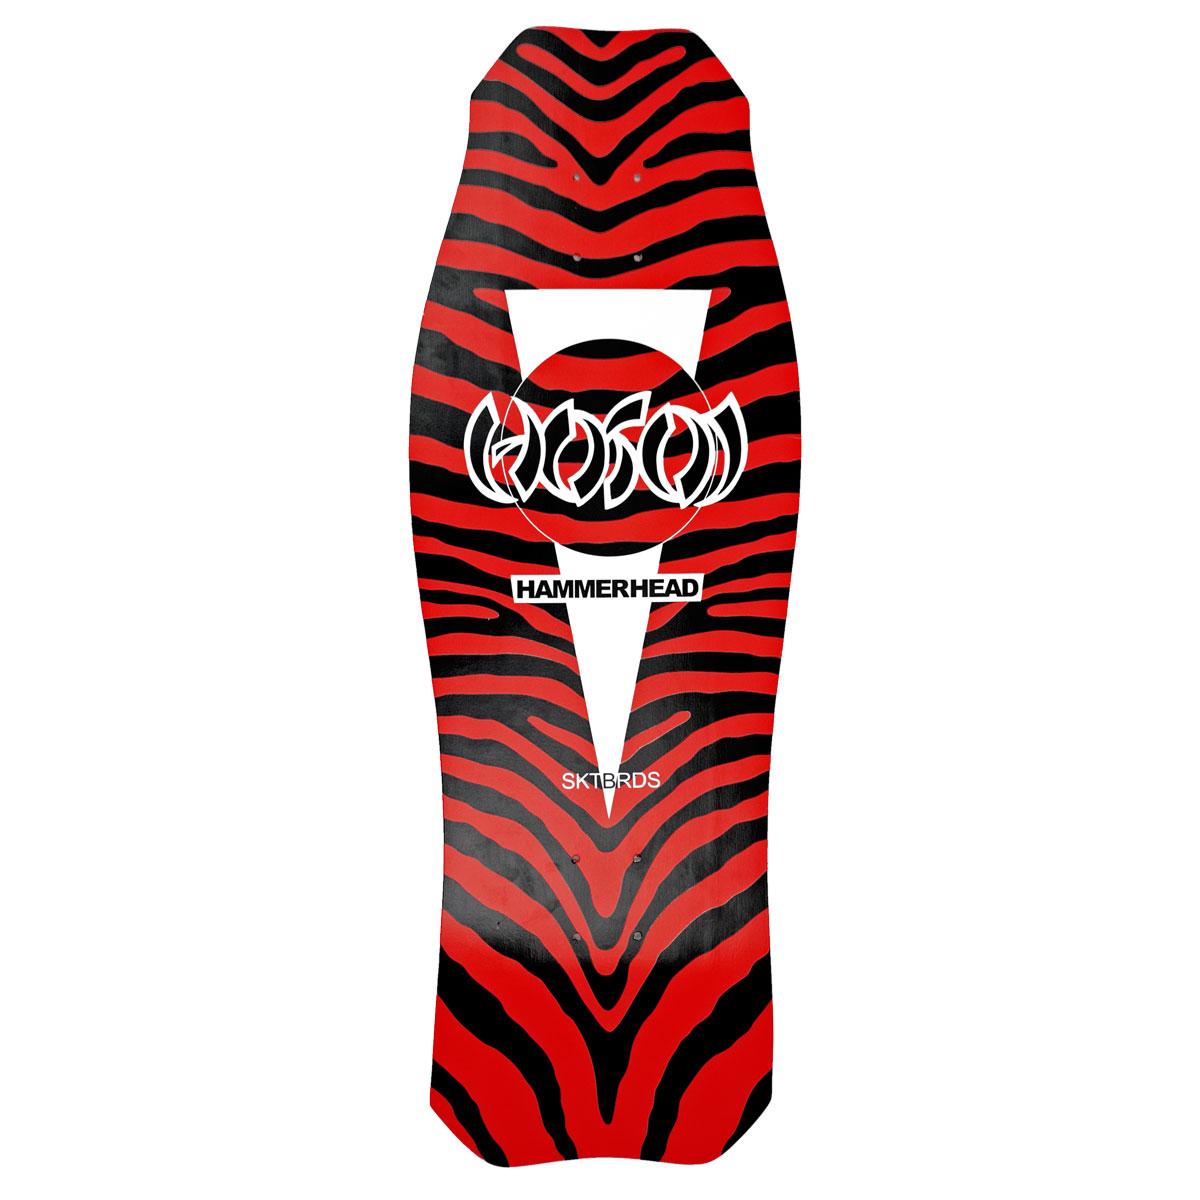 OG-Hammerhead-Red-Zebra-Bottom.jpg